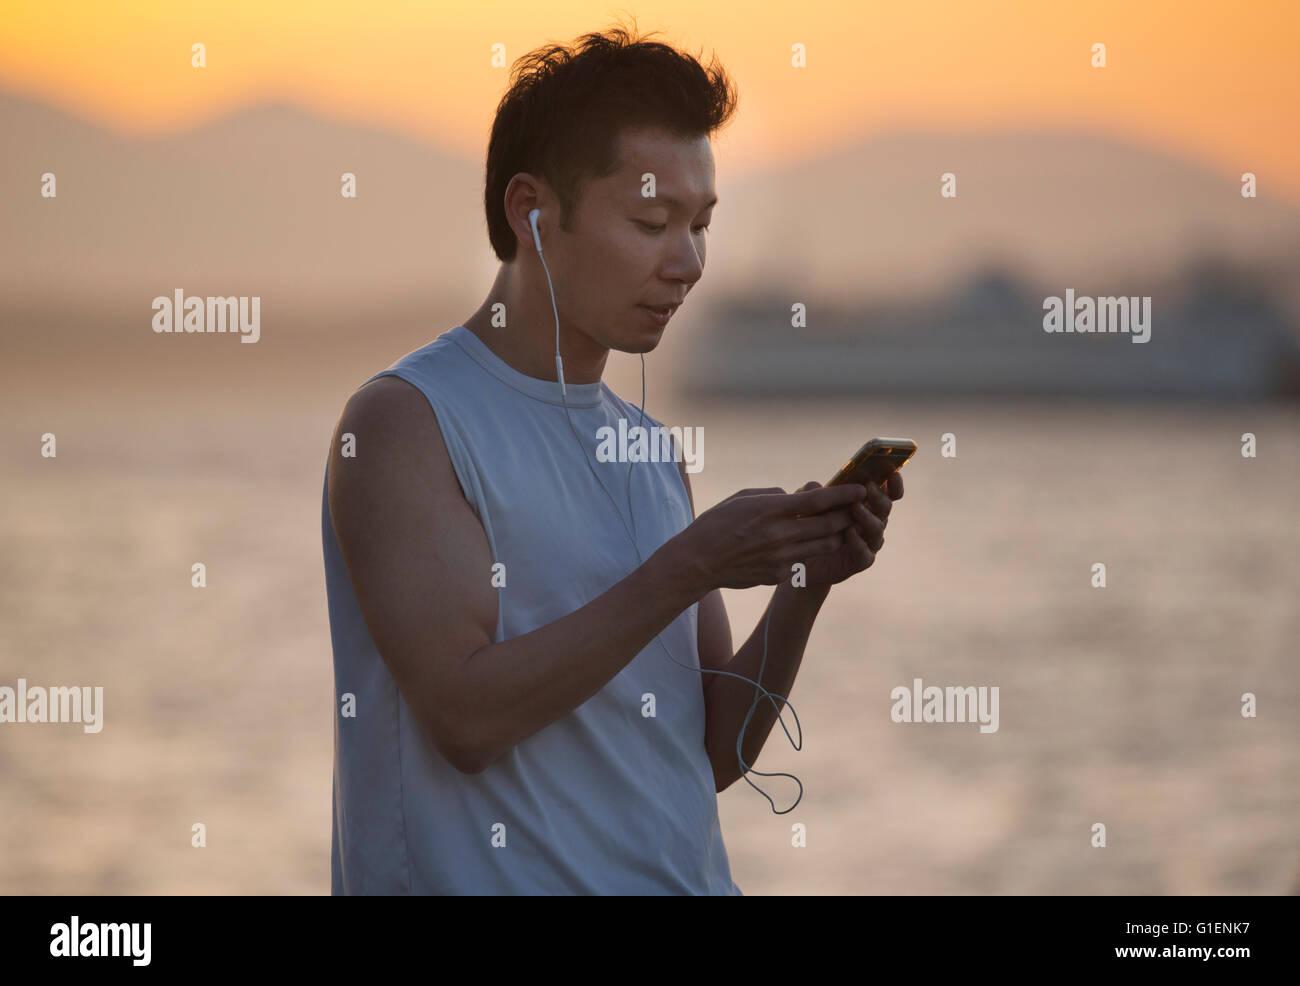 Checking email on phone, sunset, Seattle, Puget Sound, Washington - Stock Image